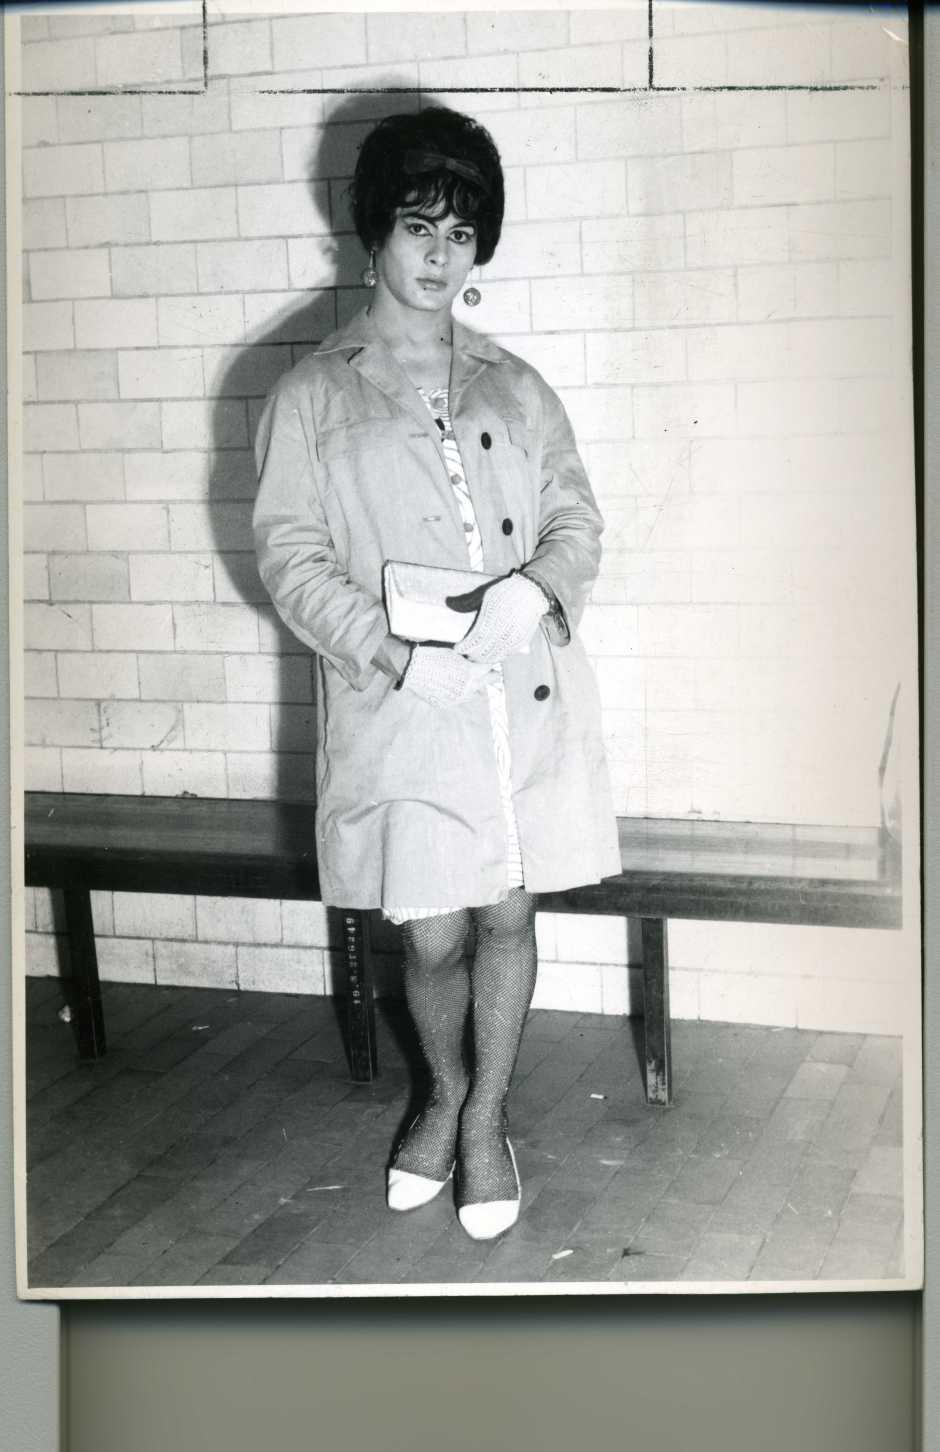 Devars Jr. Frente y vuelta del retrato de un travesti realizado para el Magazine de Policía. Ciudad de México, 1968. Colección fotográfica Carlos Monsiváis. Cortesía Museo del Estanquillo.